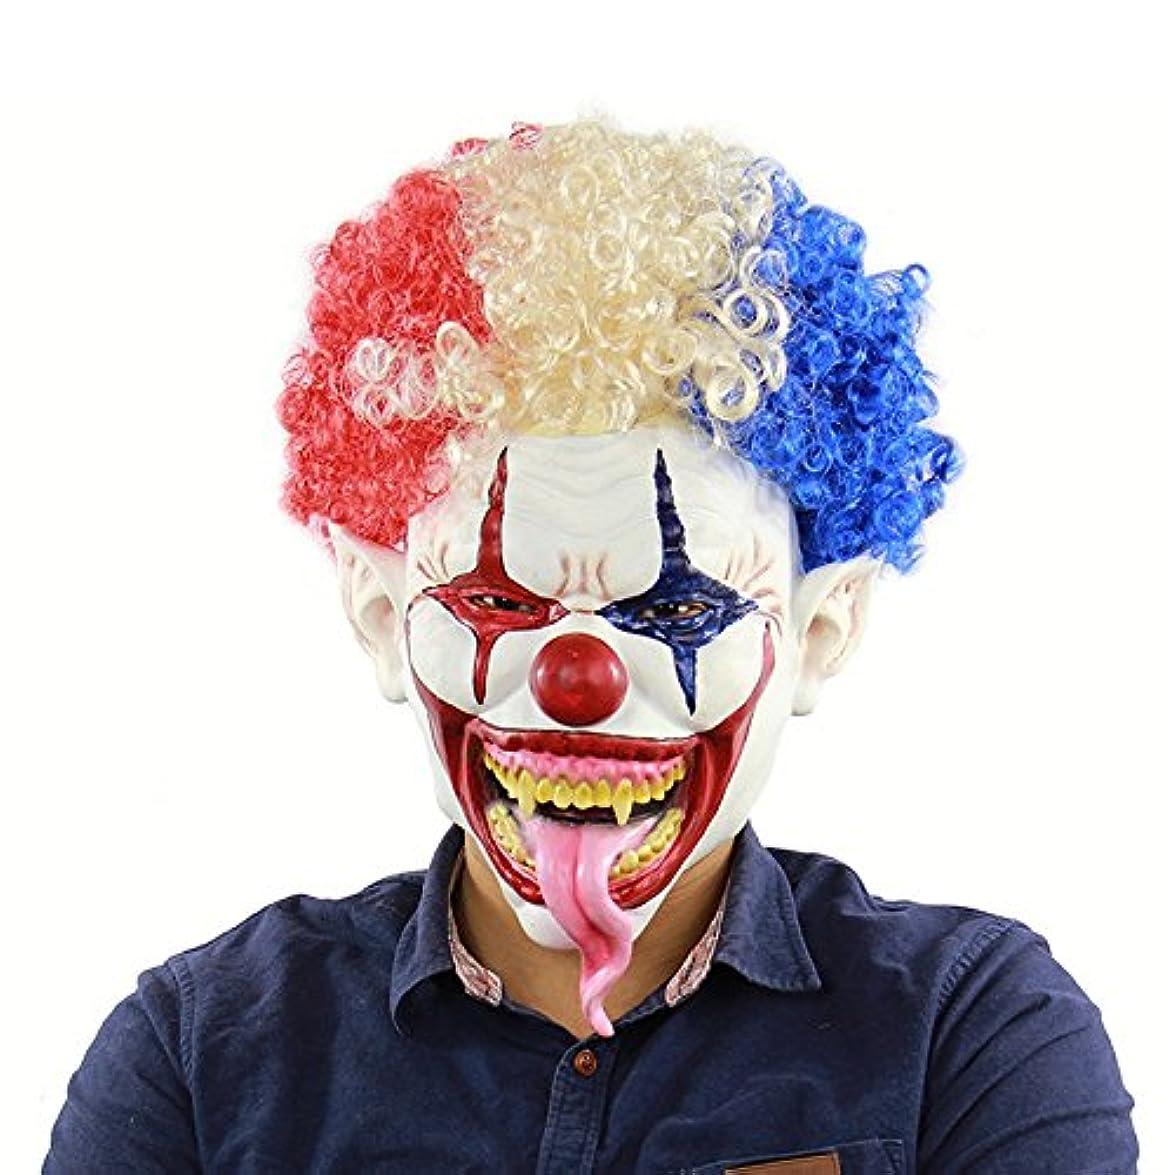 俳優不要本物の爆発的なヘッド大きな口長い舌ピエロマスクハロウィンアマゾン外国為替ラテックスホラーヘッドカバー